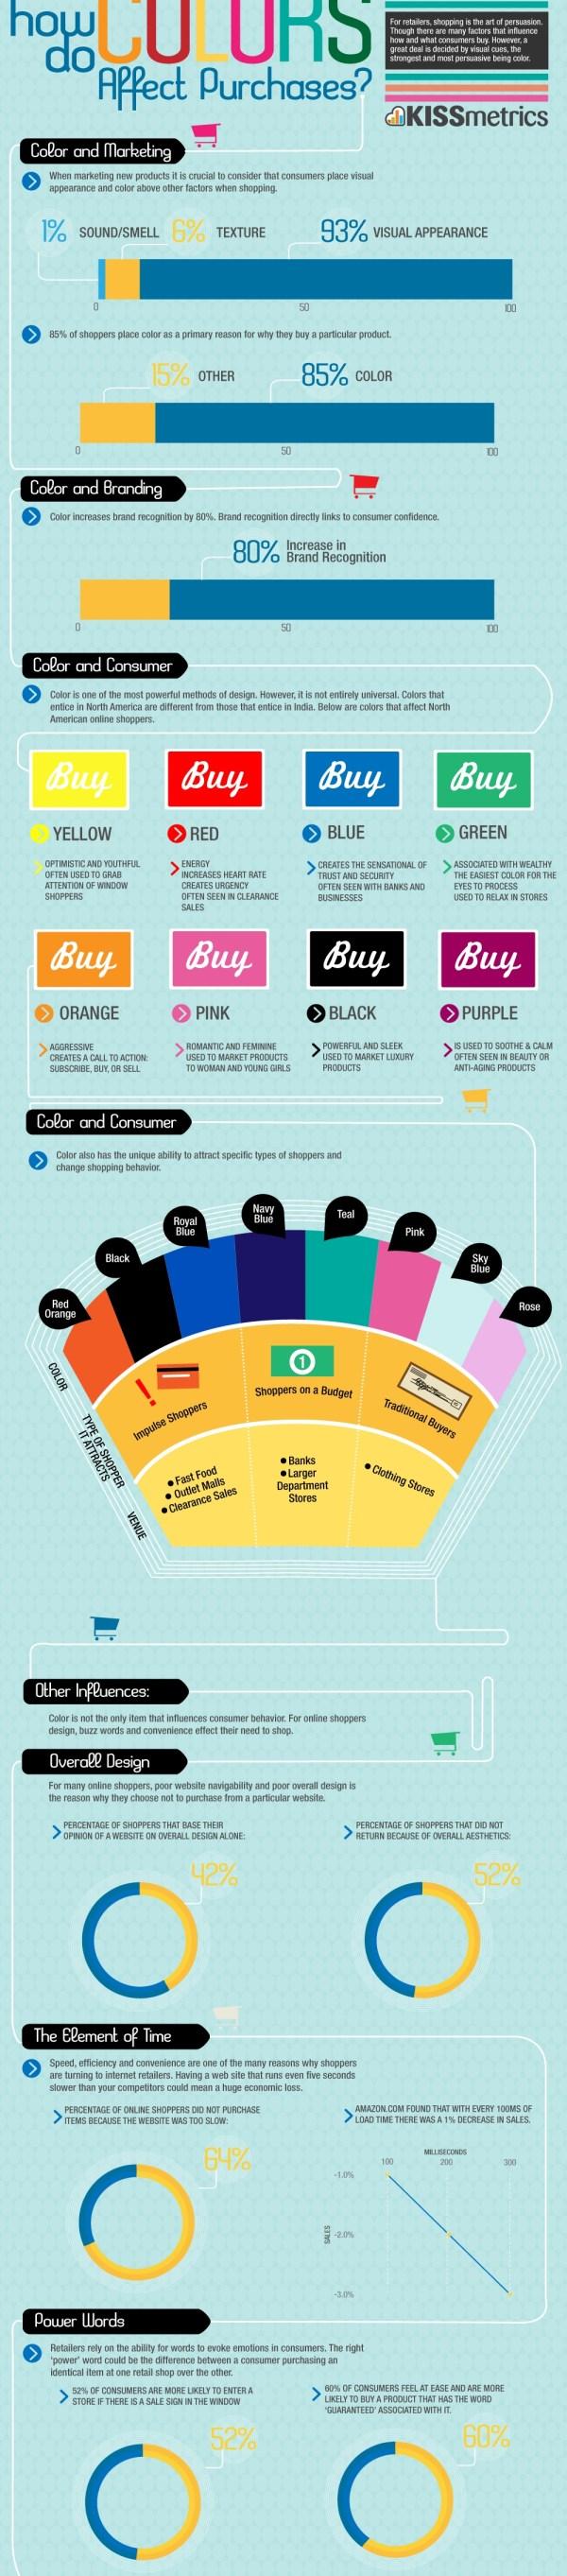 El efecto de los colores sobre los consumidores - efecto-color-compras-infografia